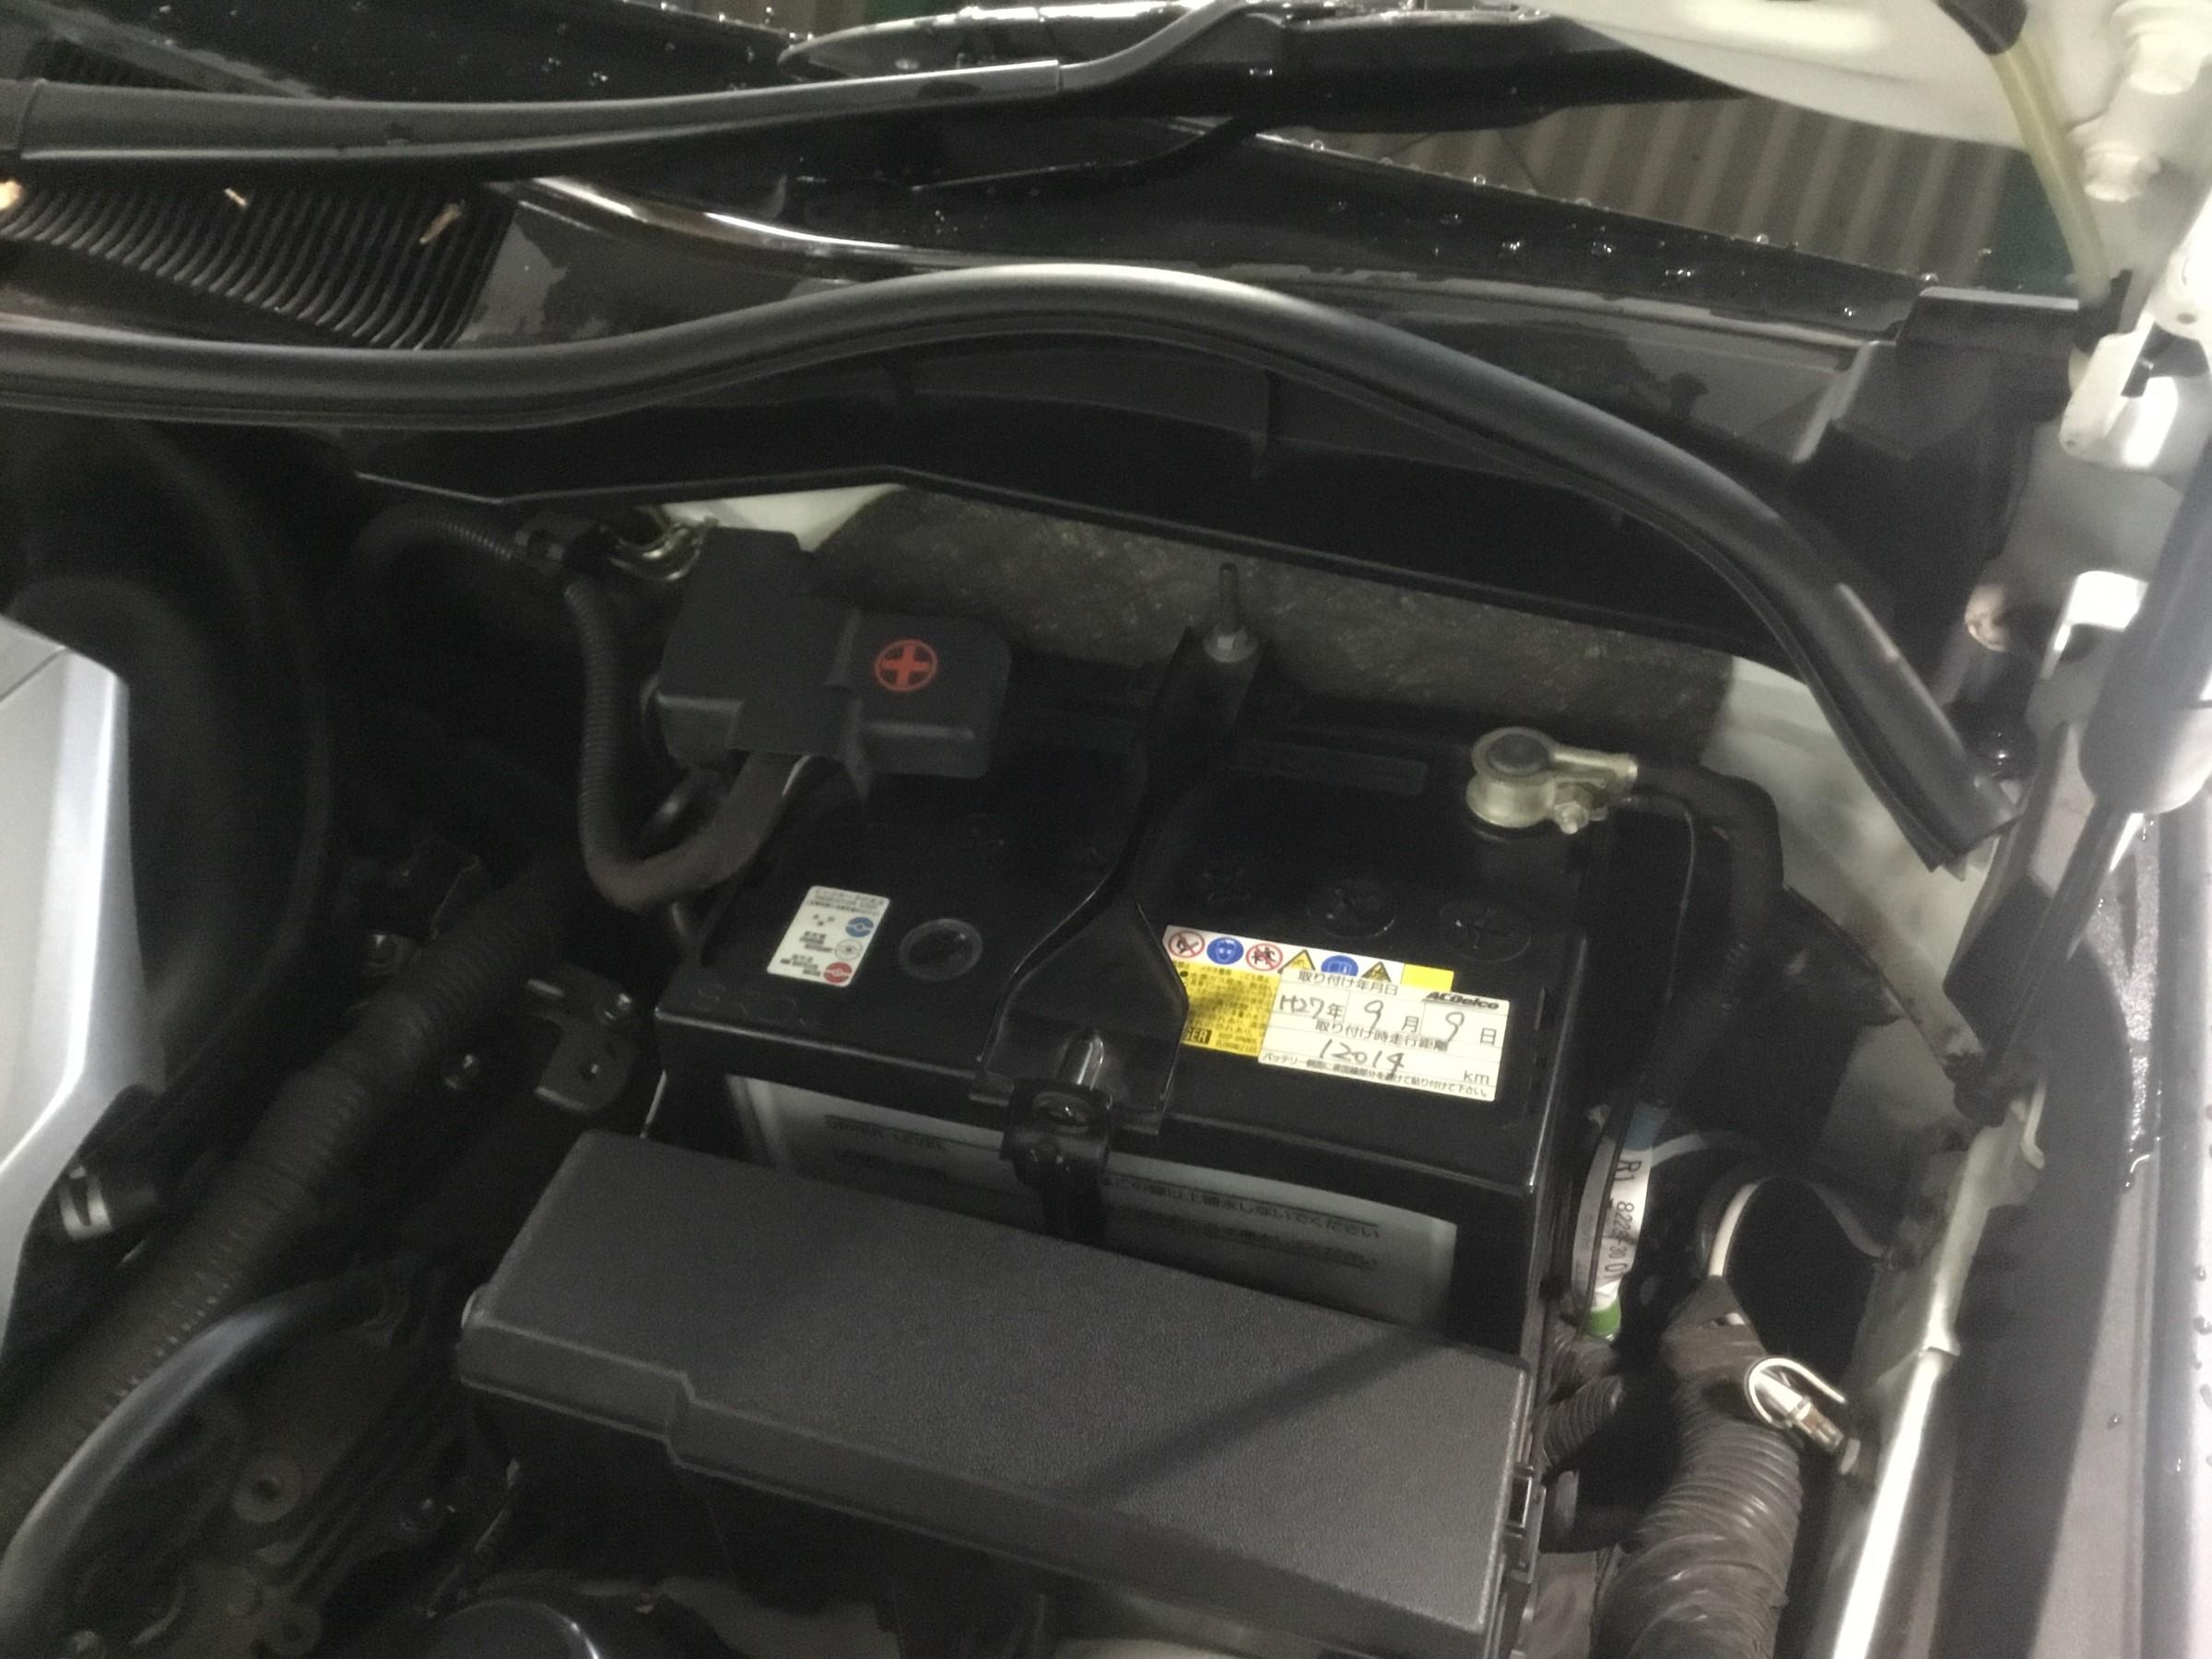 バッテリー マーク x 最近の車は自分でバッテリー交換をしない方が良い